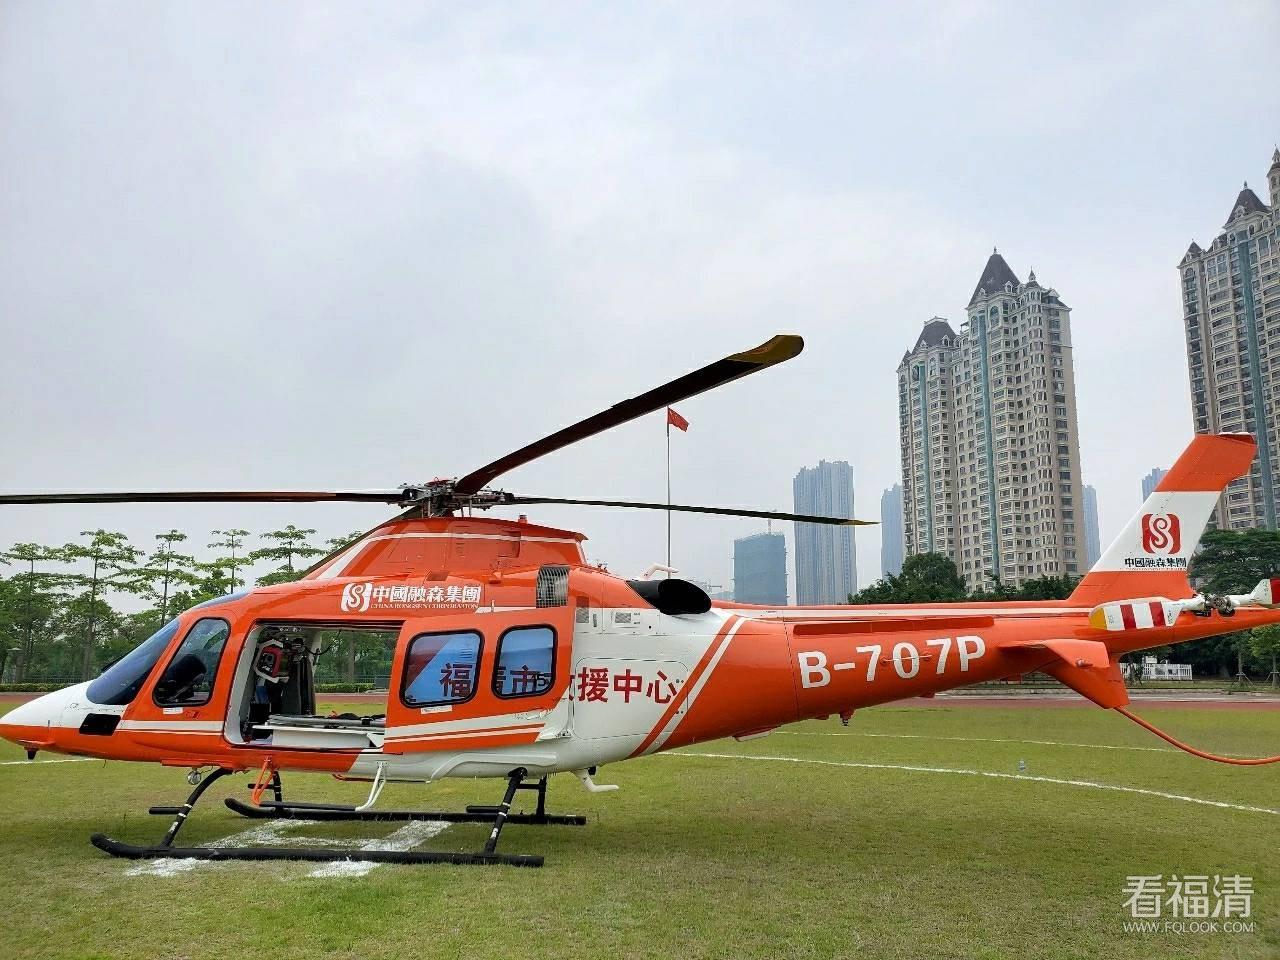 福清应急救援直升机价值5200万人民币